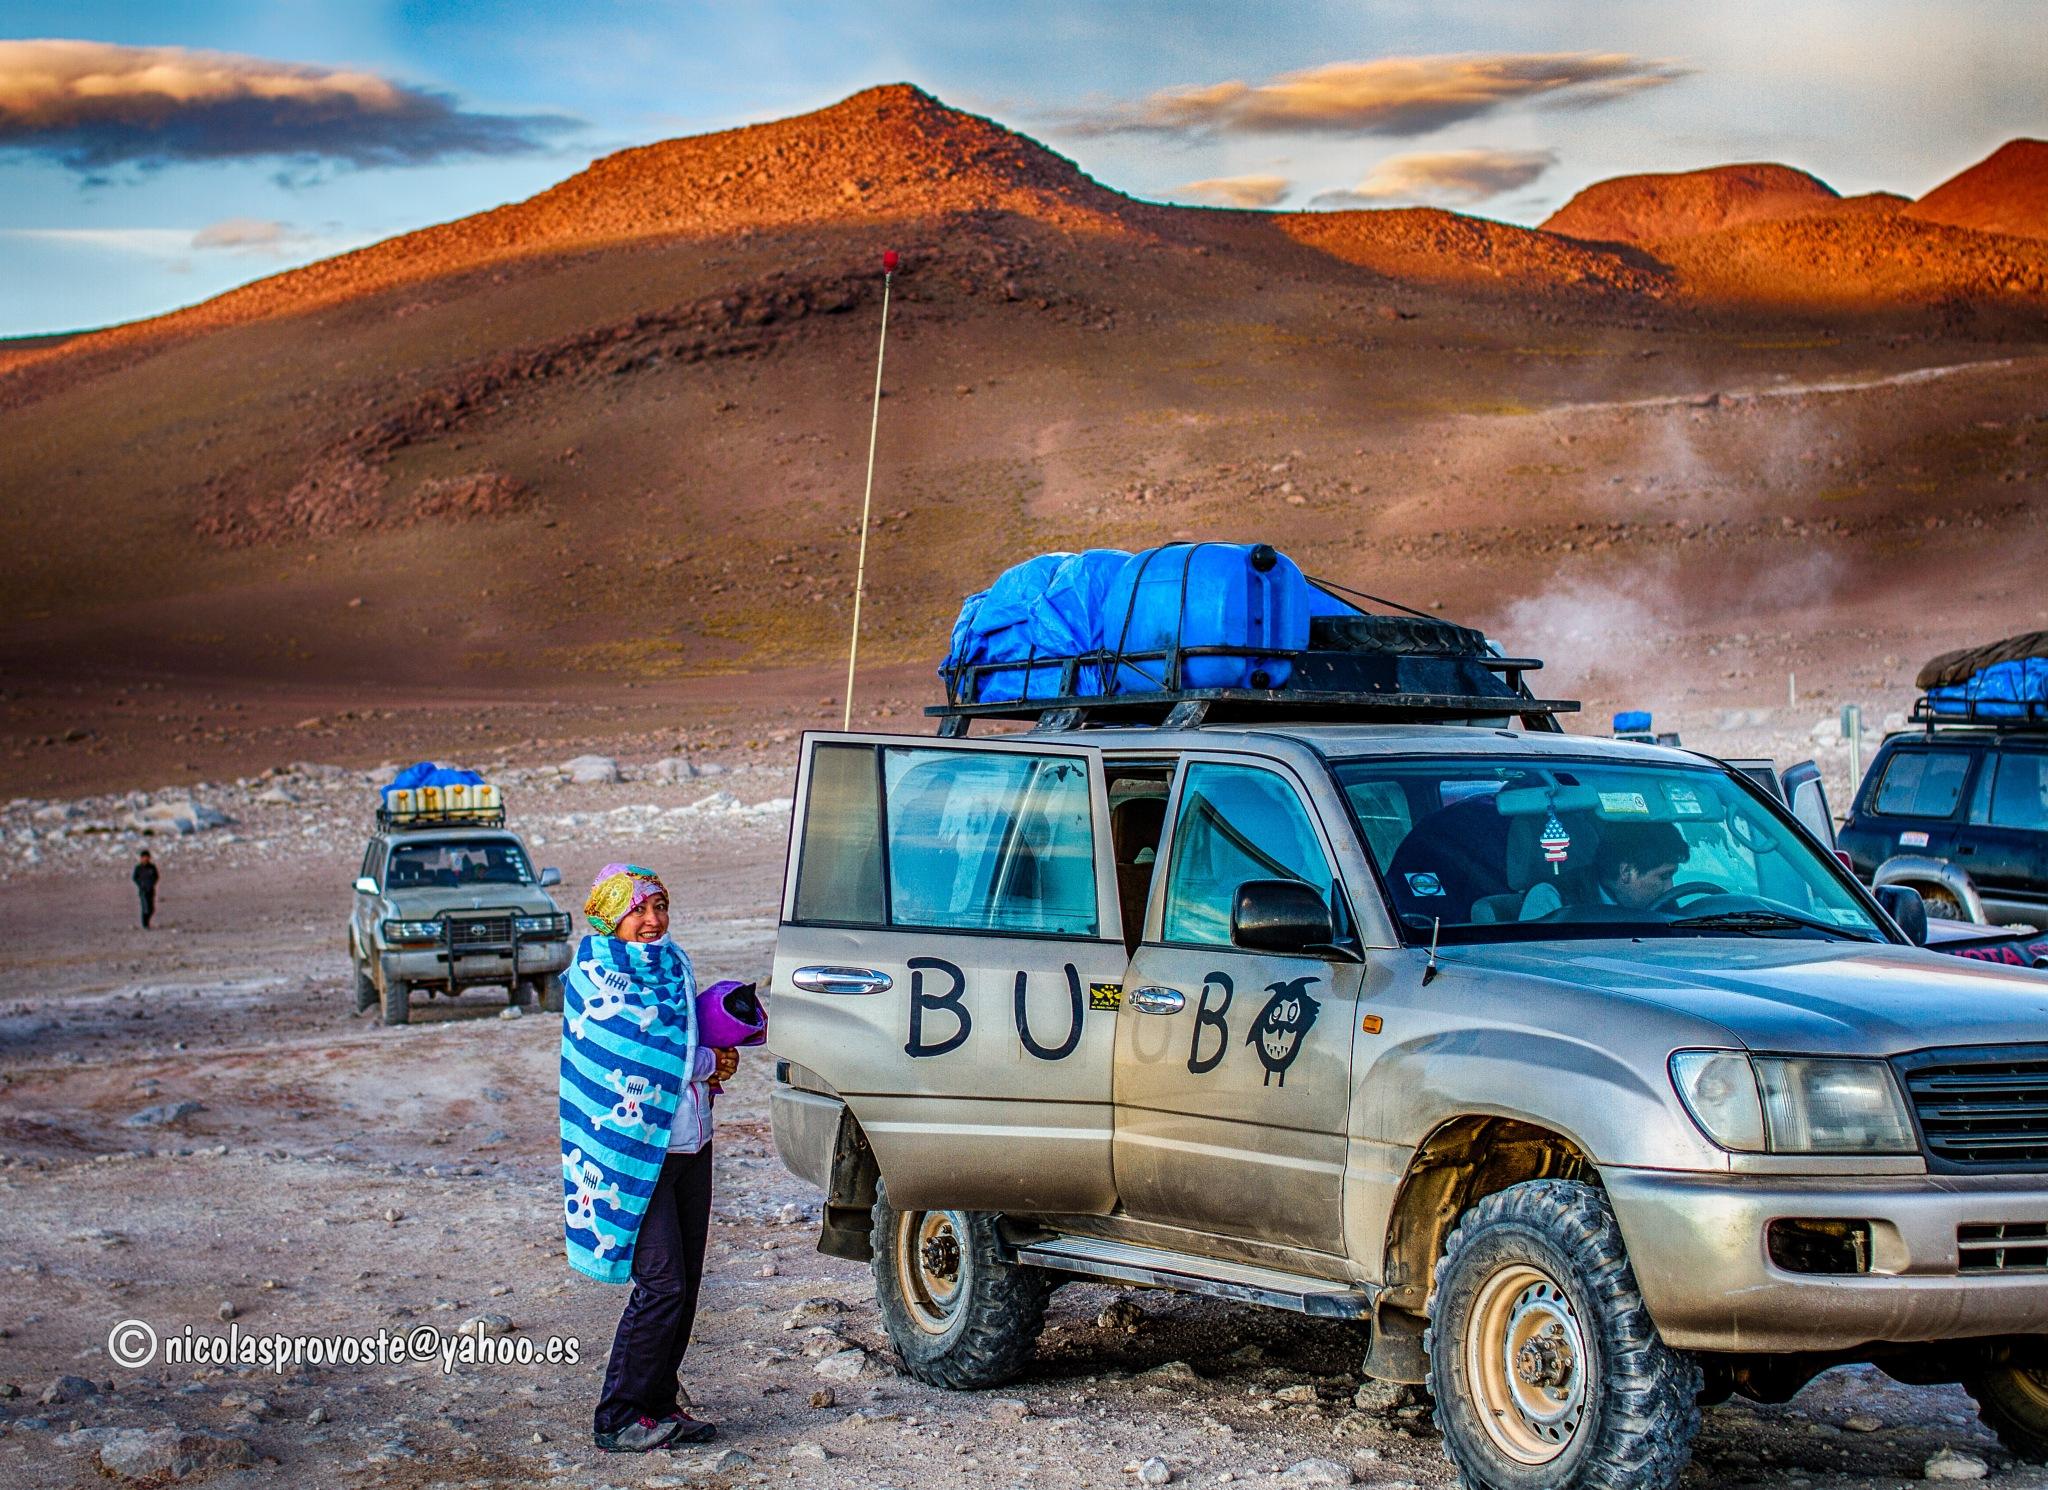 Altiplano boliviano by nicolasprovoste